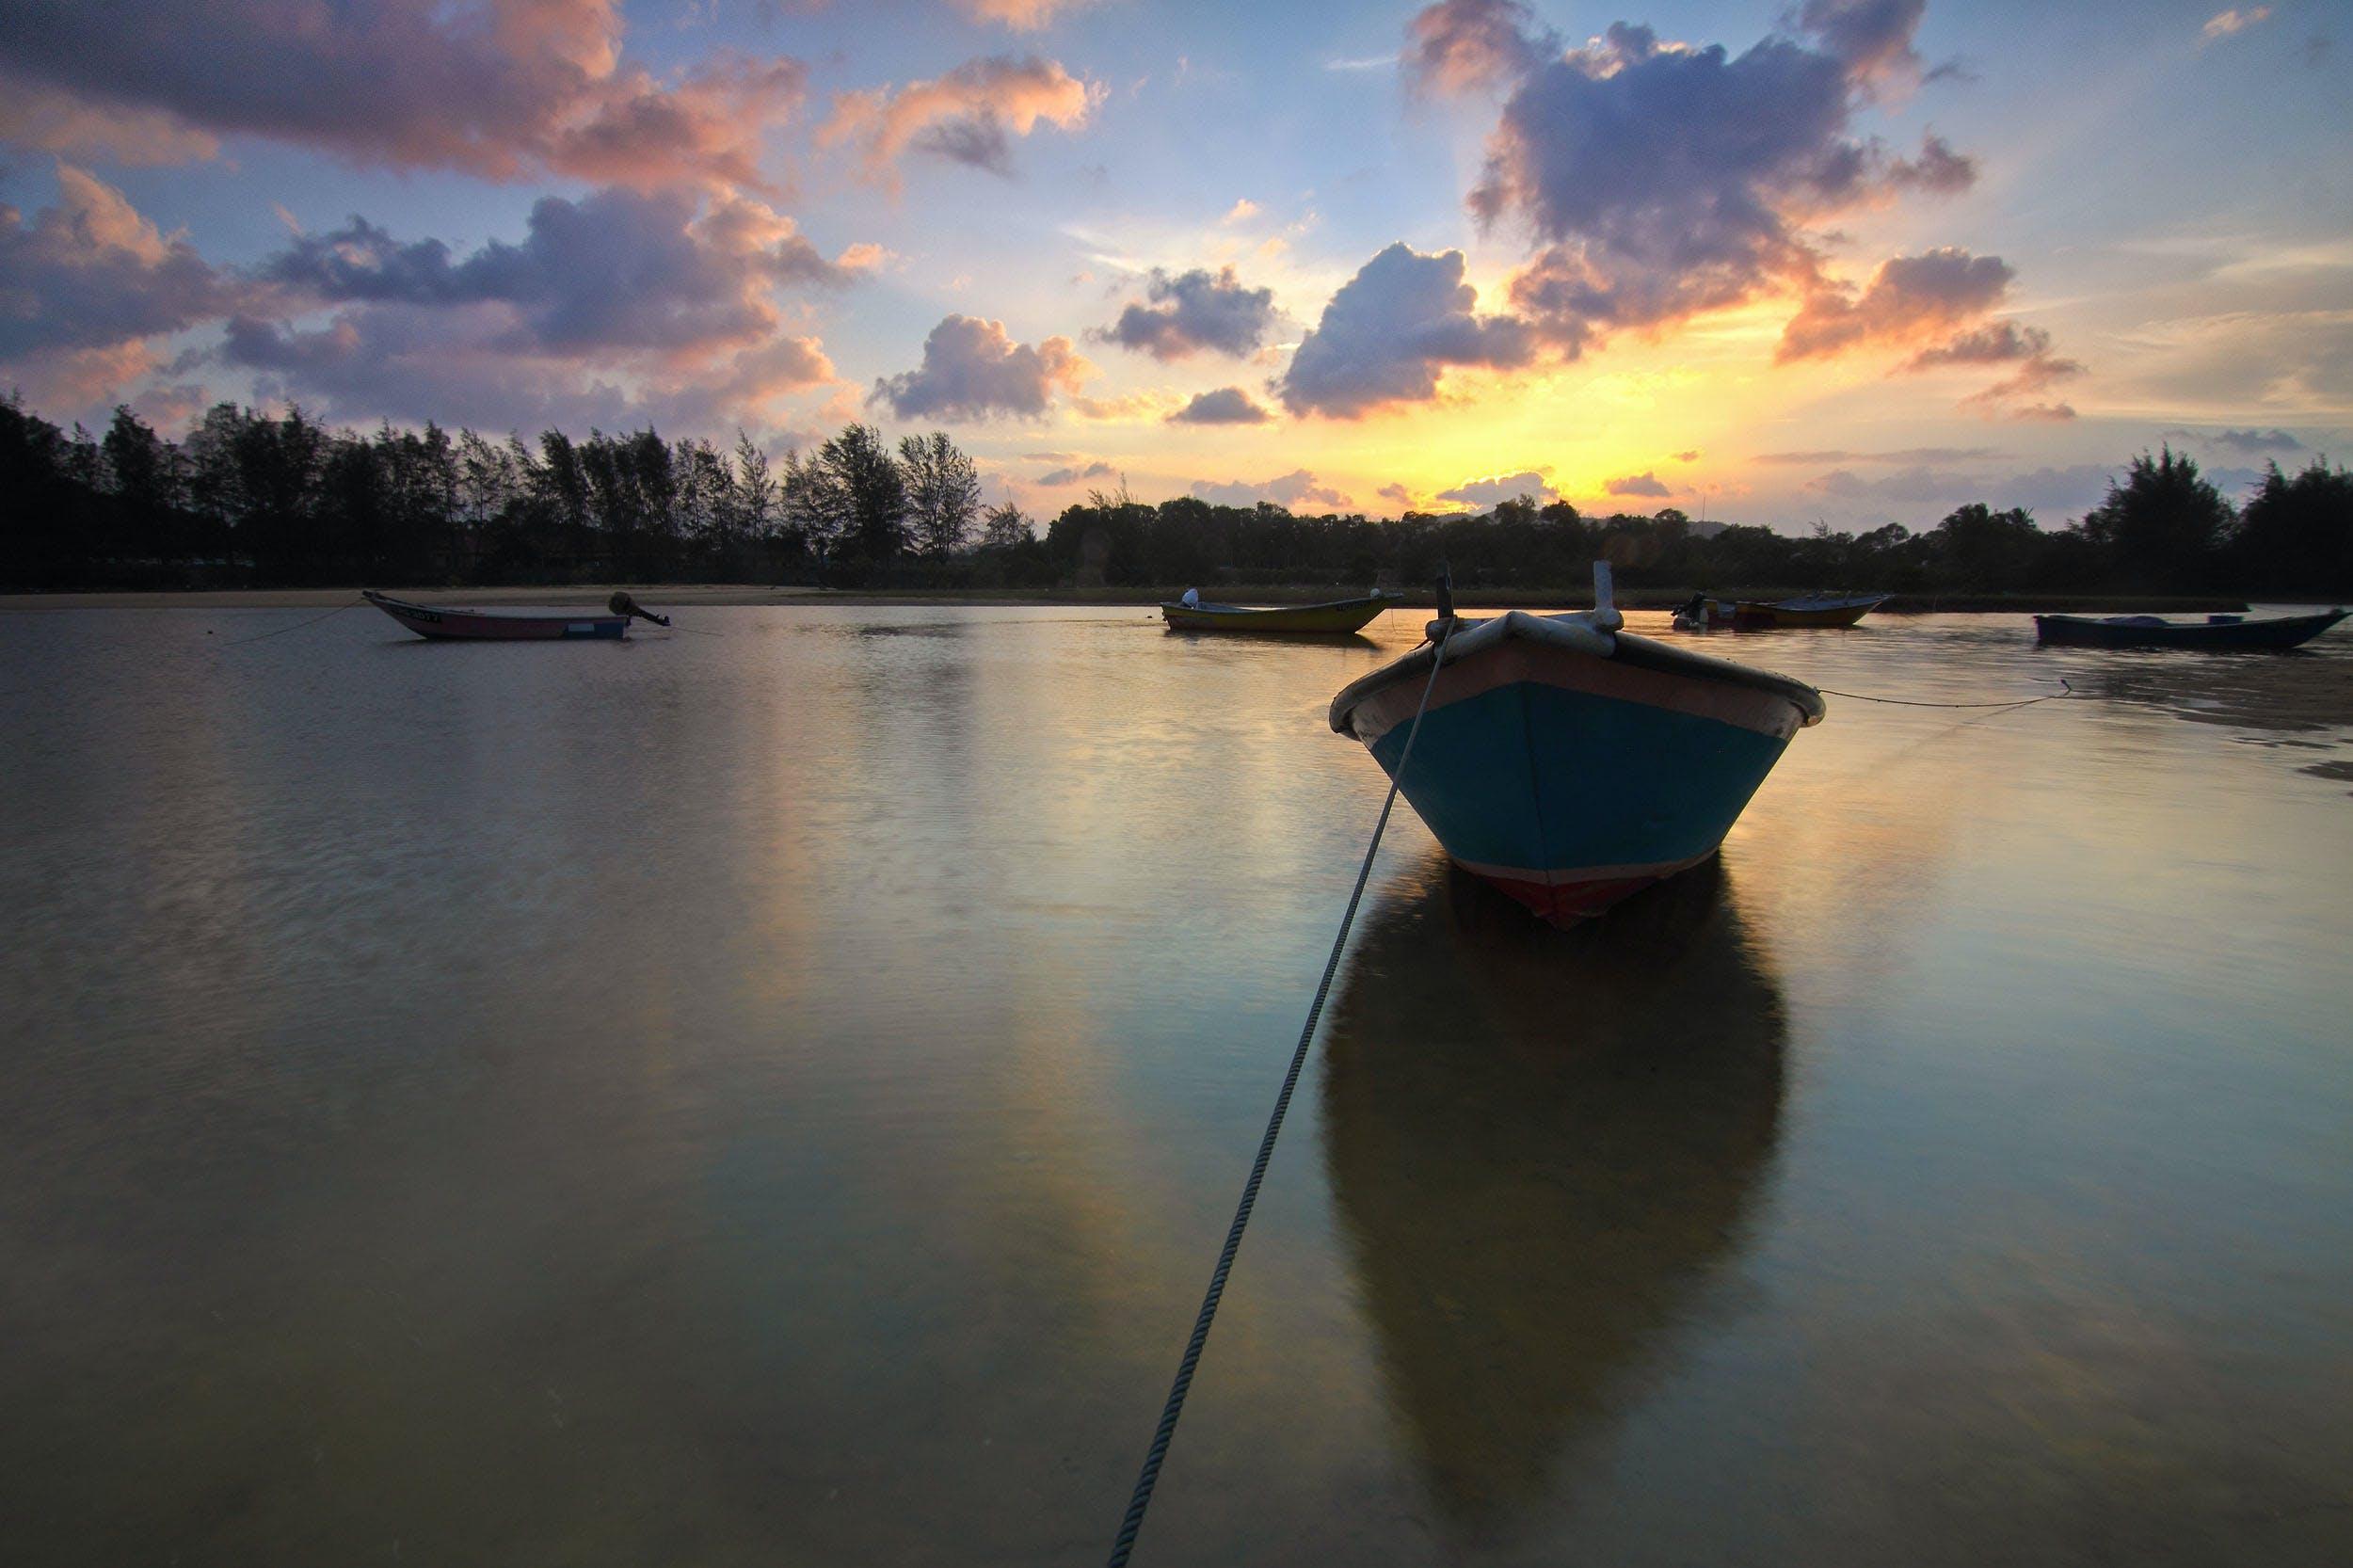 boats, clouds, dawn